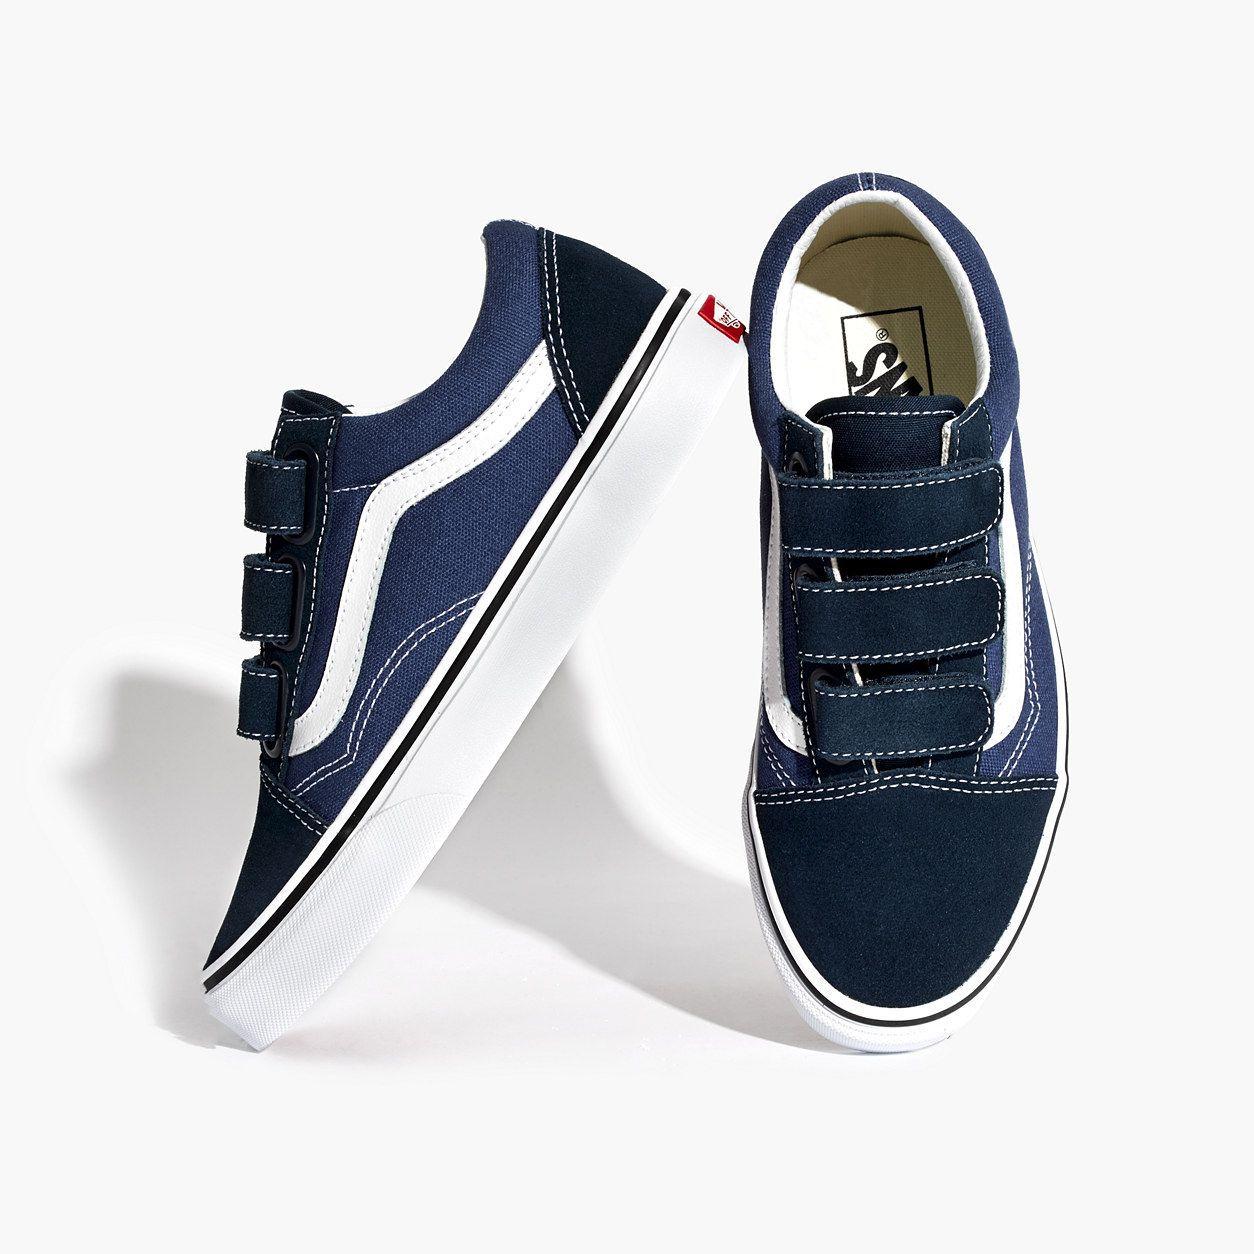 0b5e6e81795 Madewell Womens Vans Unisex Old Skool Velcro Sneakers (Size 7 M